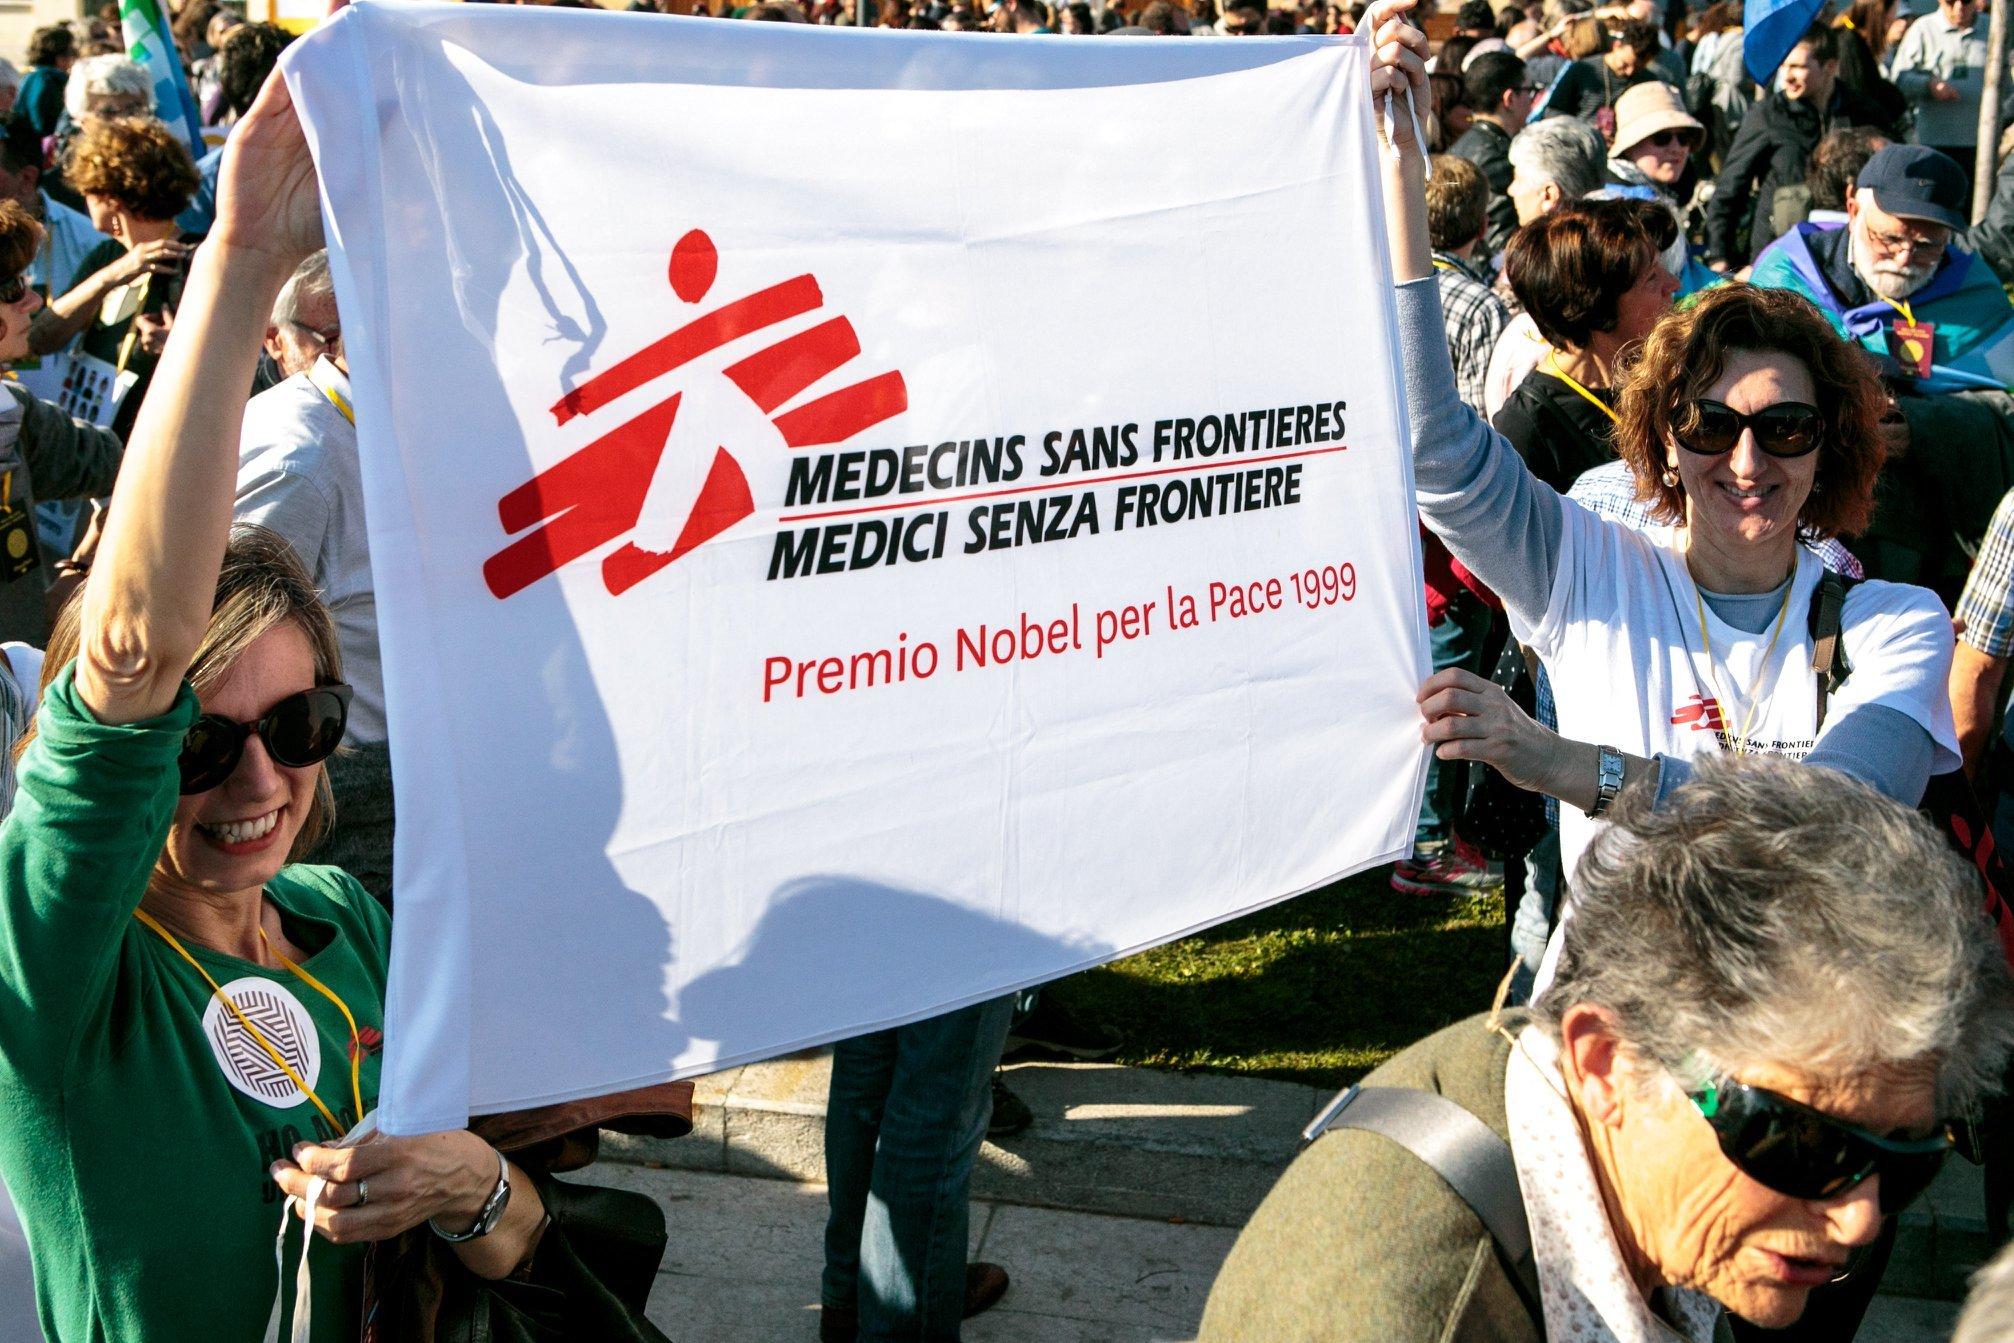 Medici Senza Frontiere I Volti Veronesi Daily Verona Network